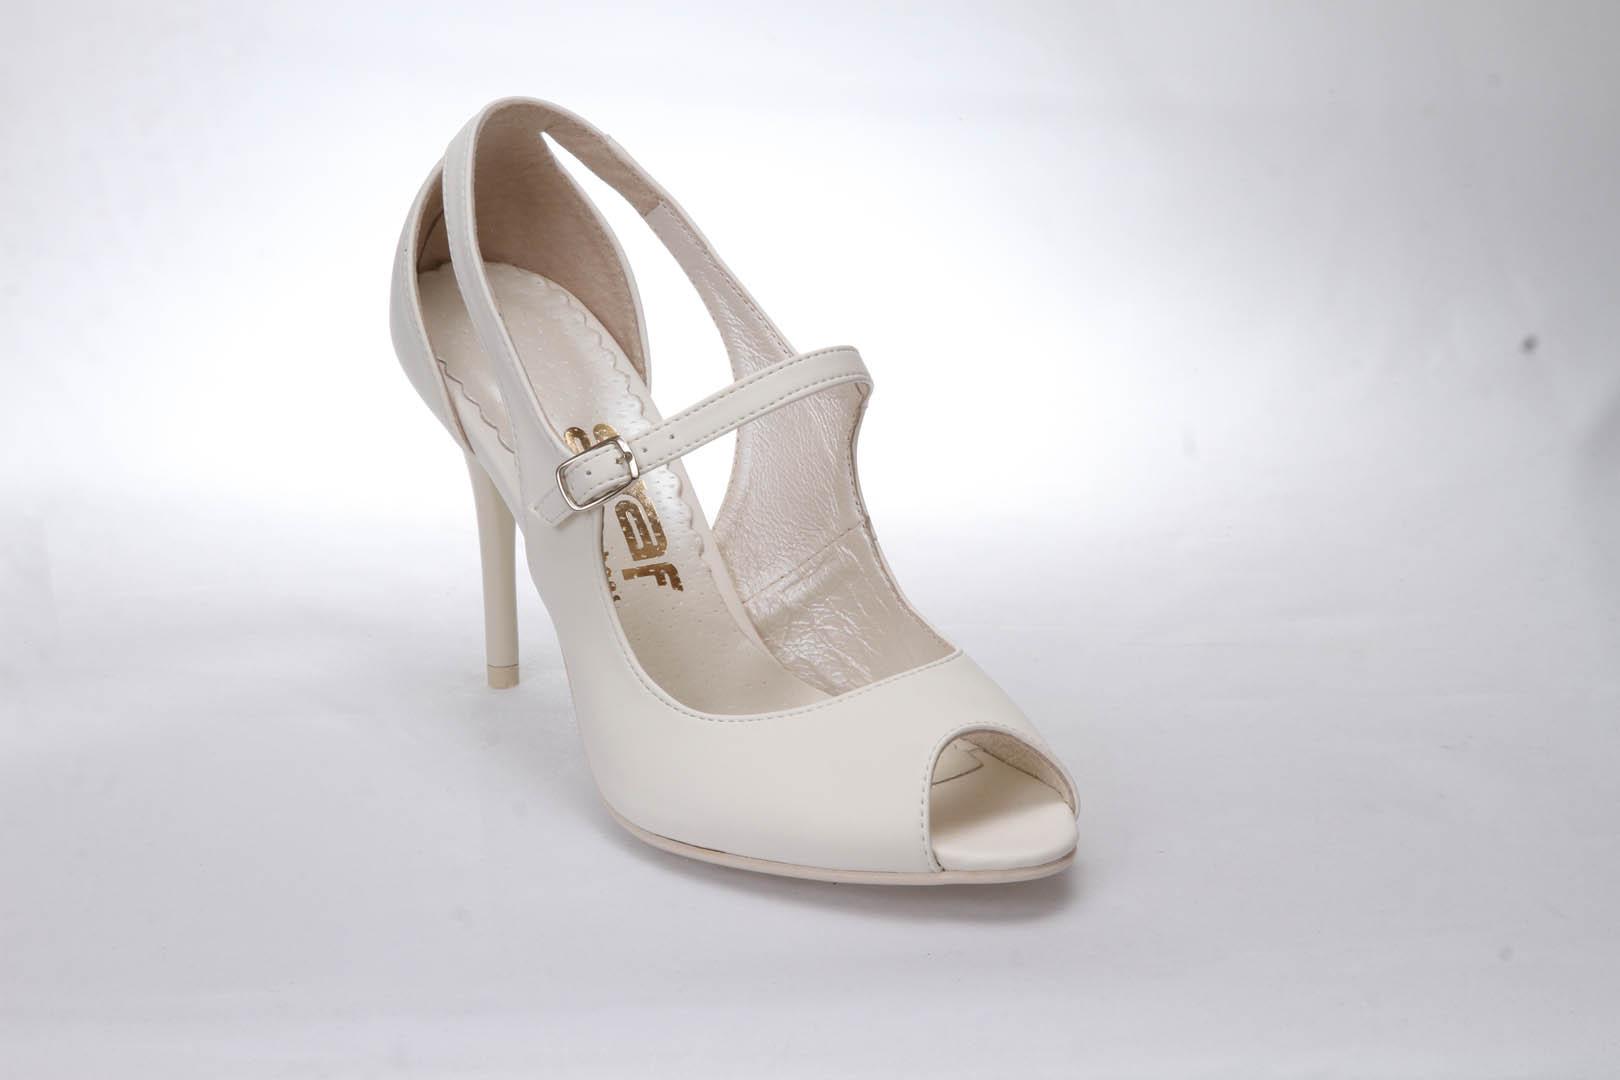 7c5b82f32c8 Svatební boty GRAF 1332 - satyna ecru-podměrná lodička